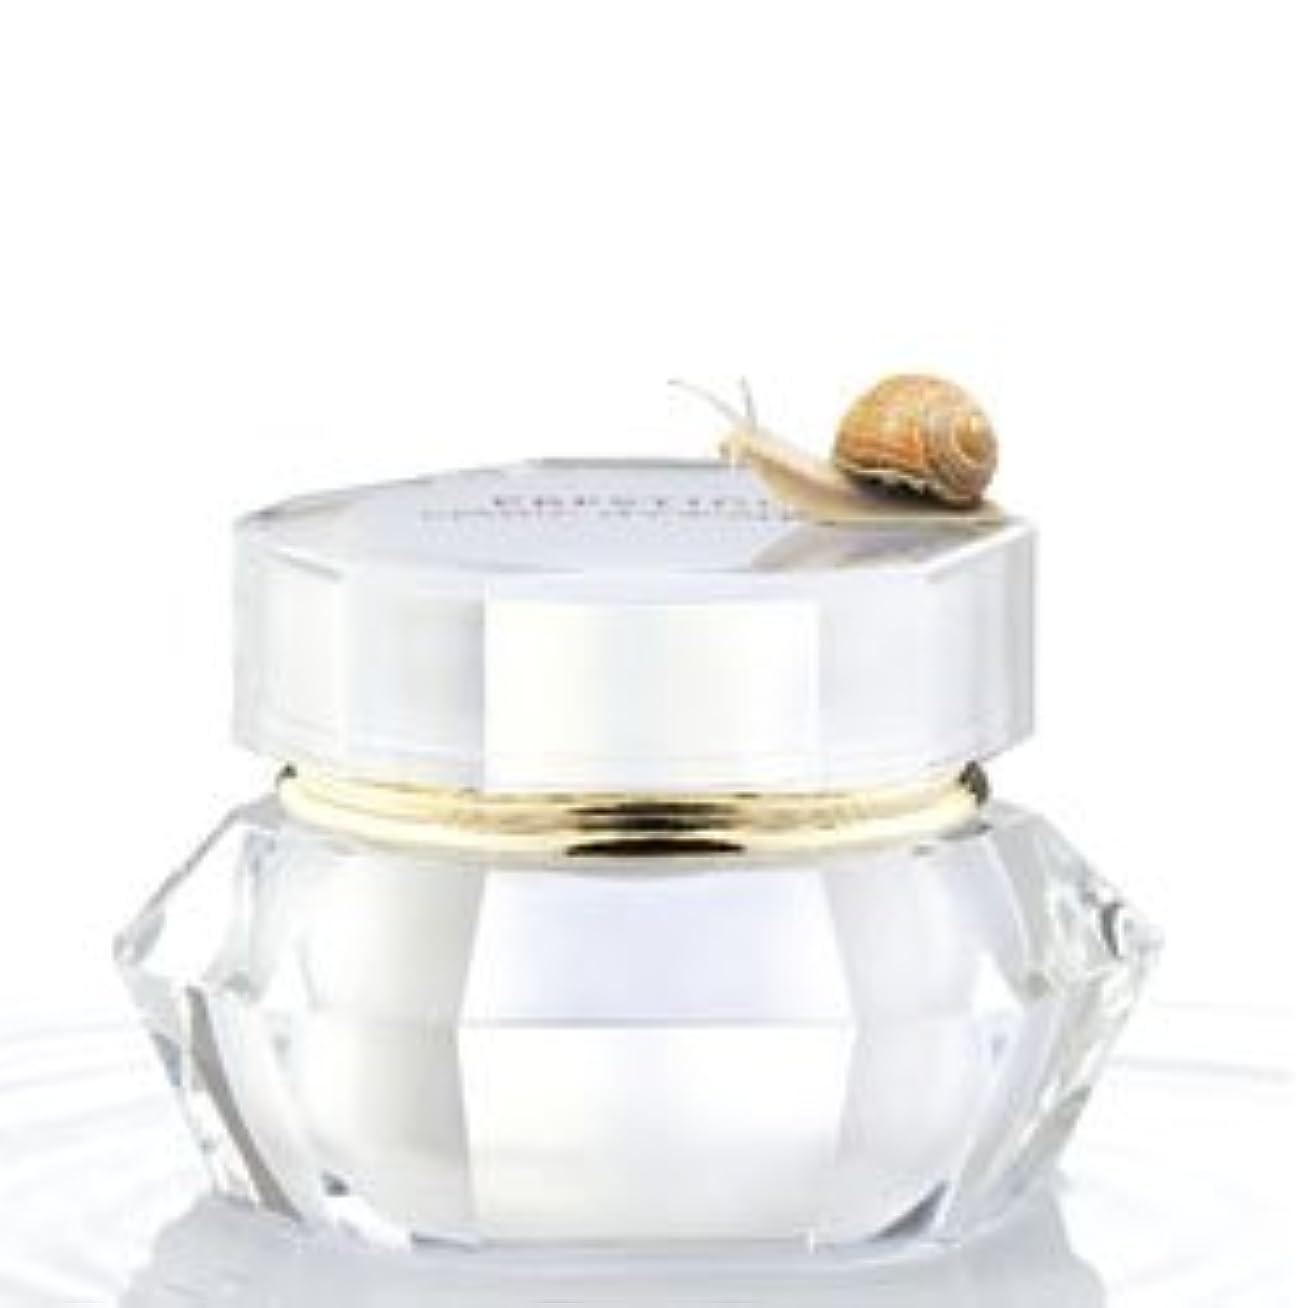 一見フリース広々イッツスキン プレステージ エスカルゴ カタツムリ クリーム(60ml×1点)It's Skin Prestige Snail Escargot Cream